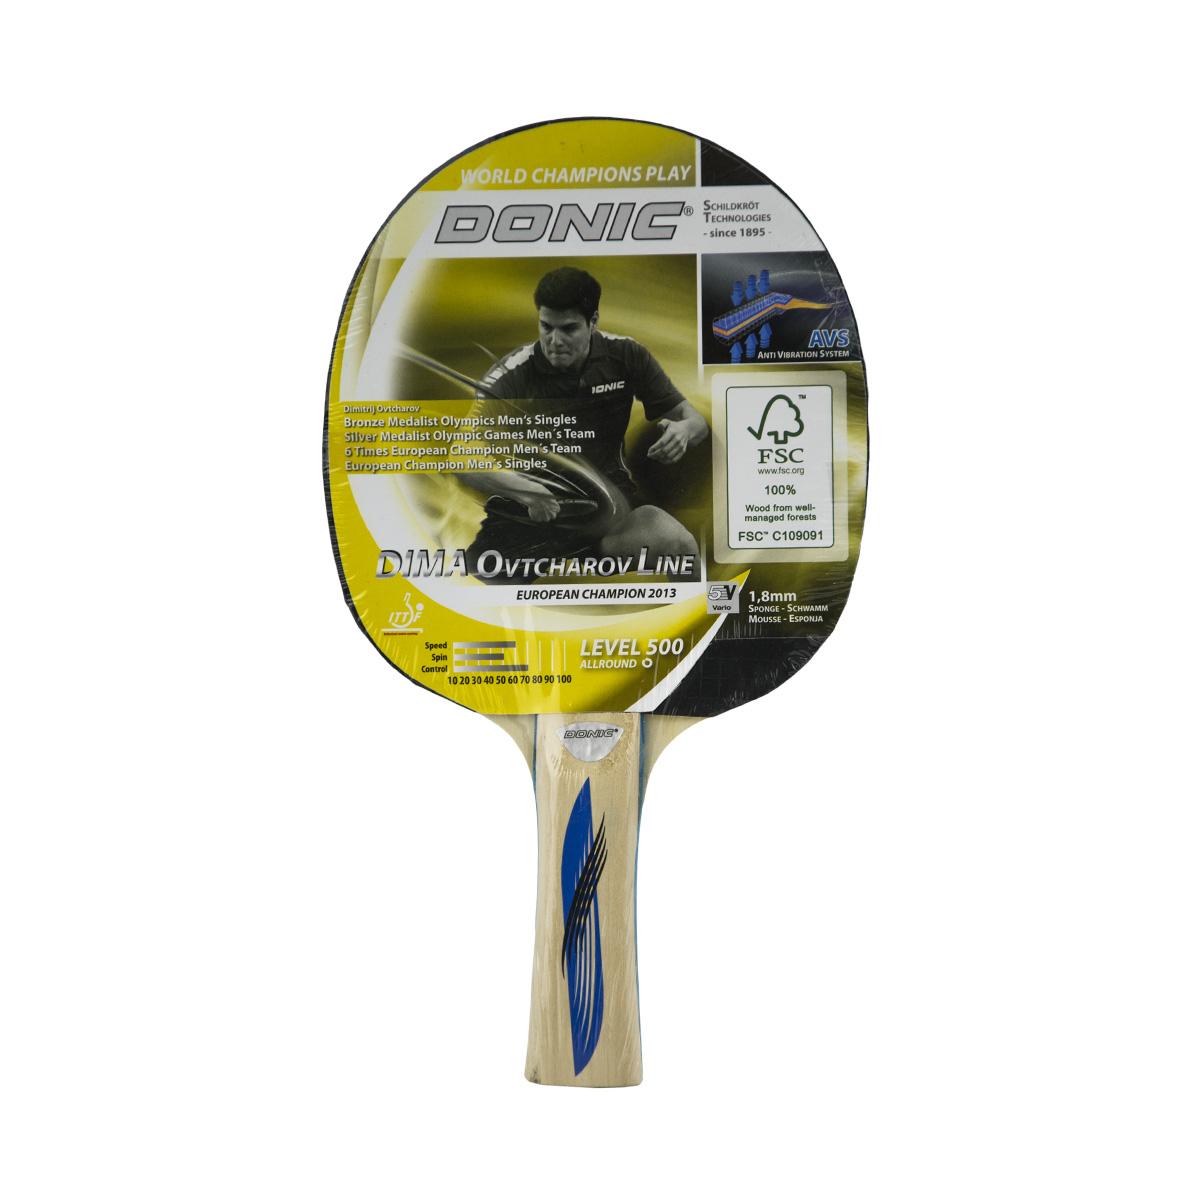 Pálka na stolní tenis DONIC Ovtcharov 500